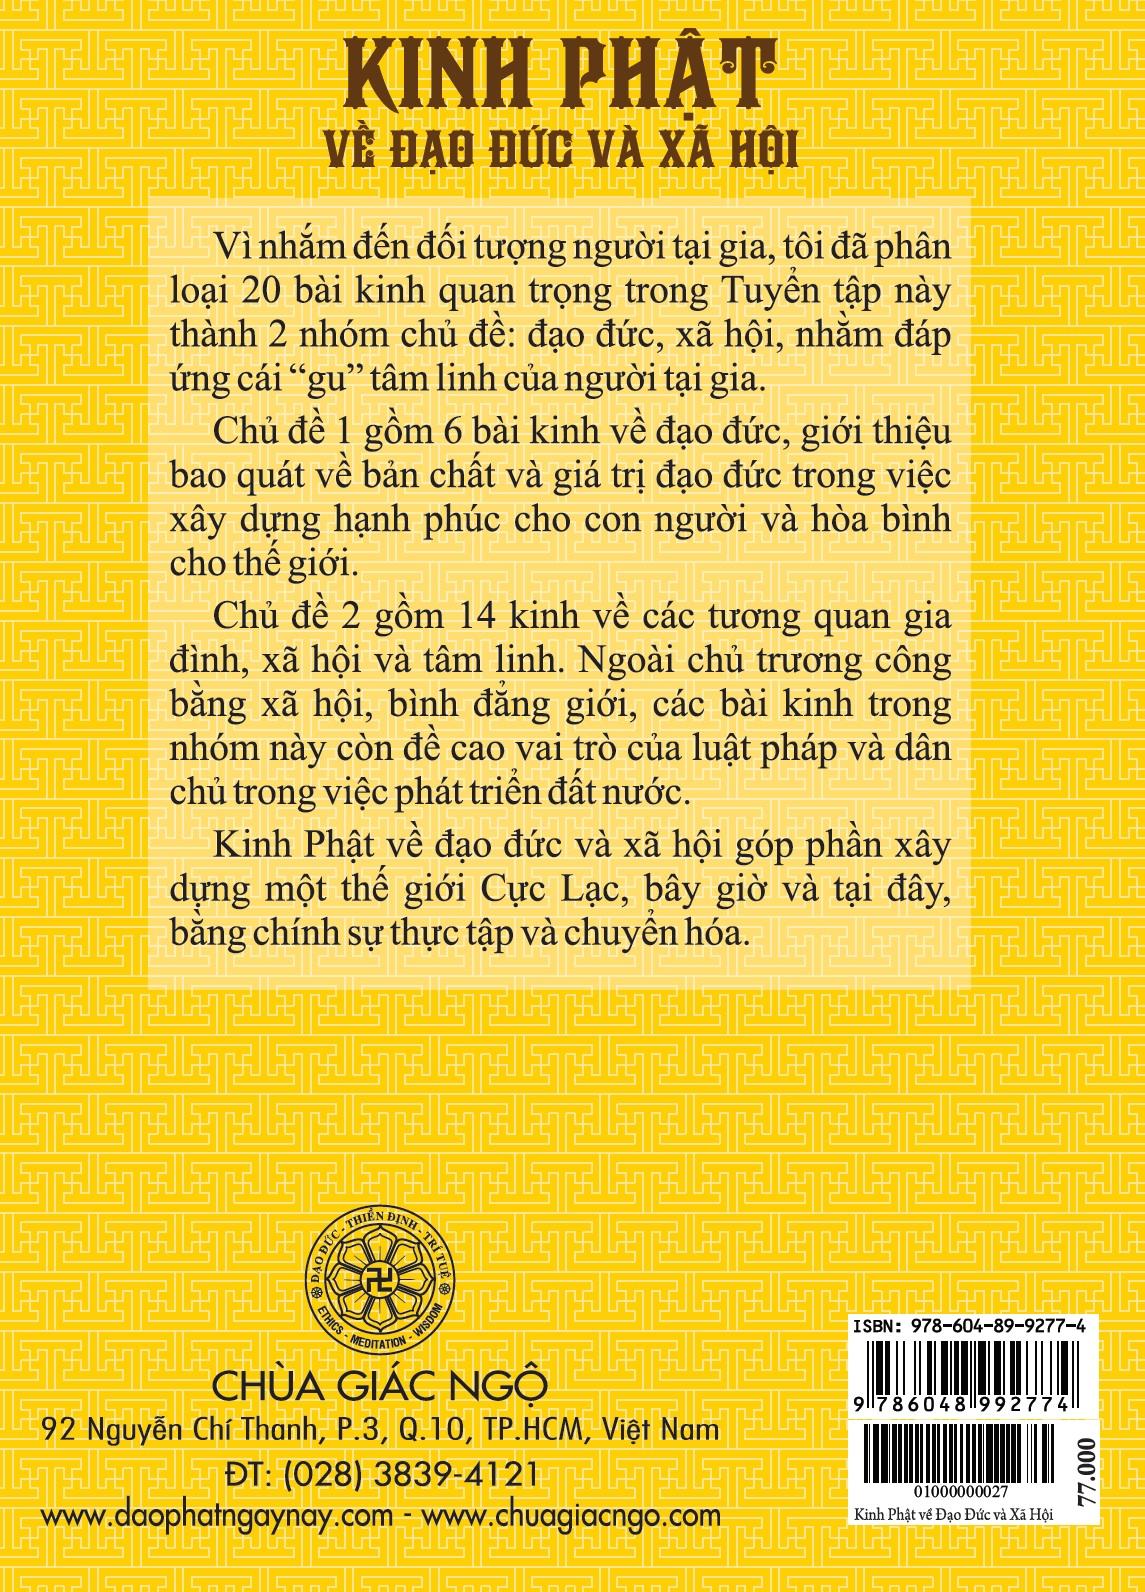 Kinh Phật về Đạo Đức và Xã Hội